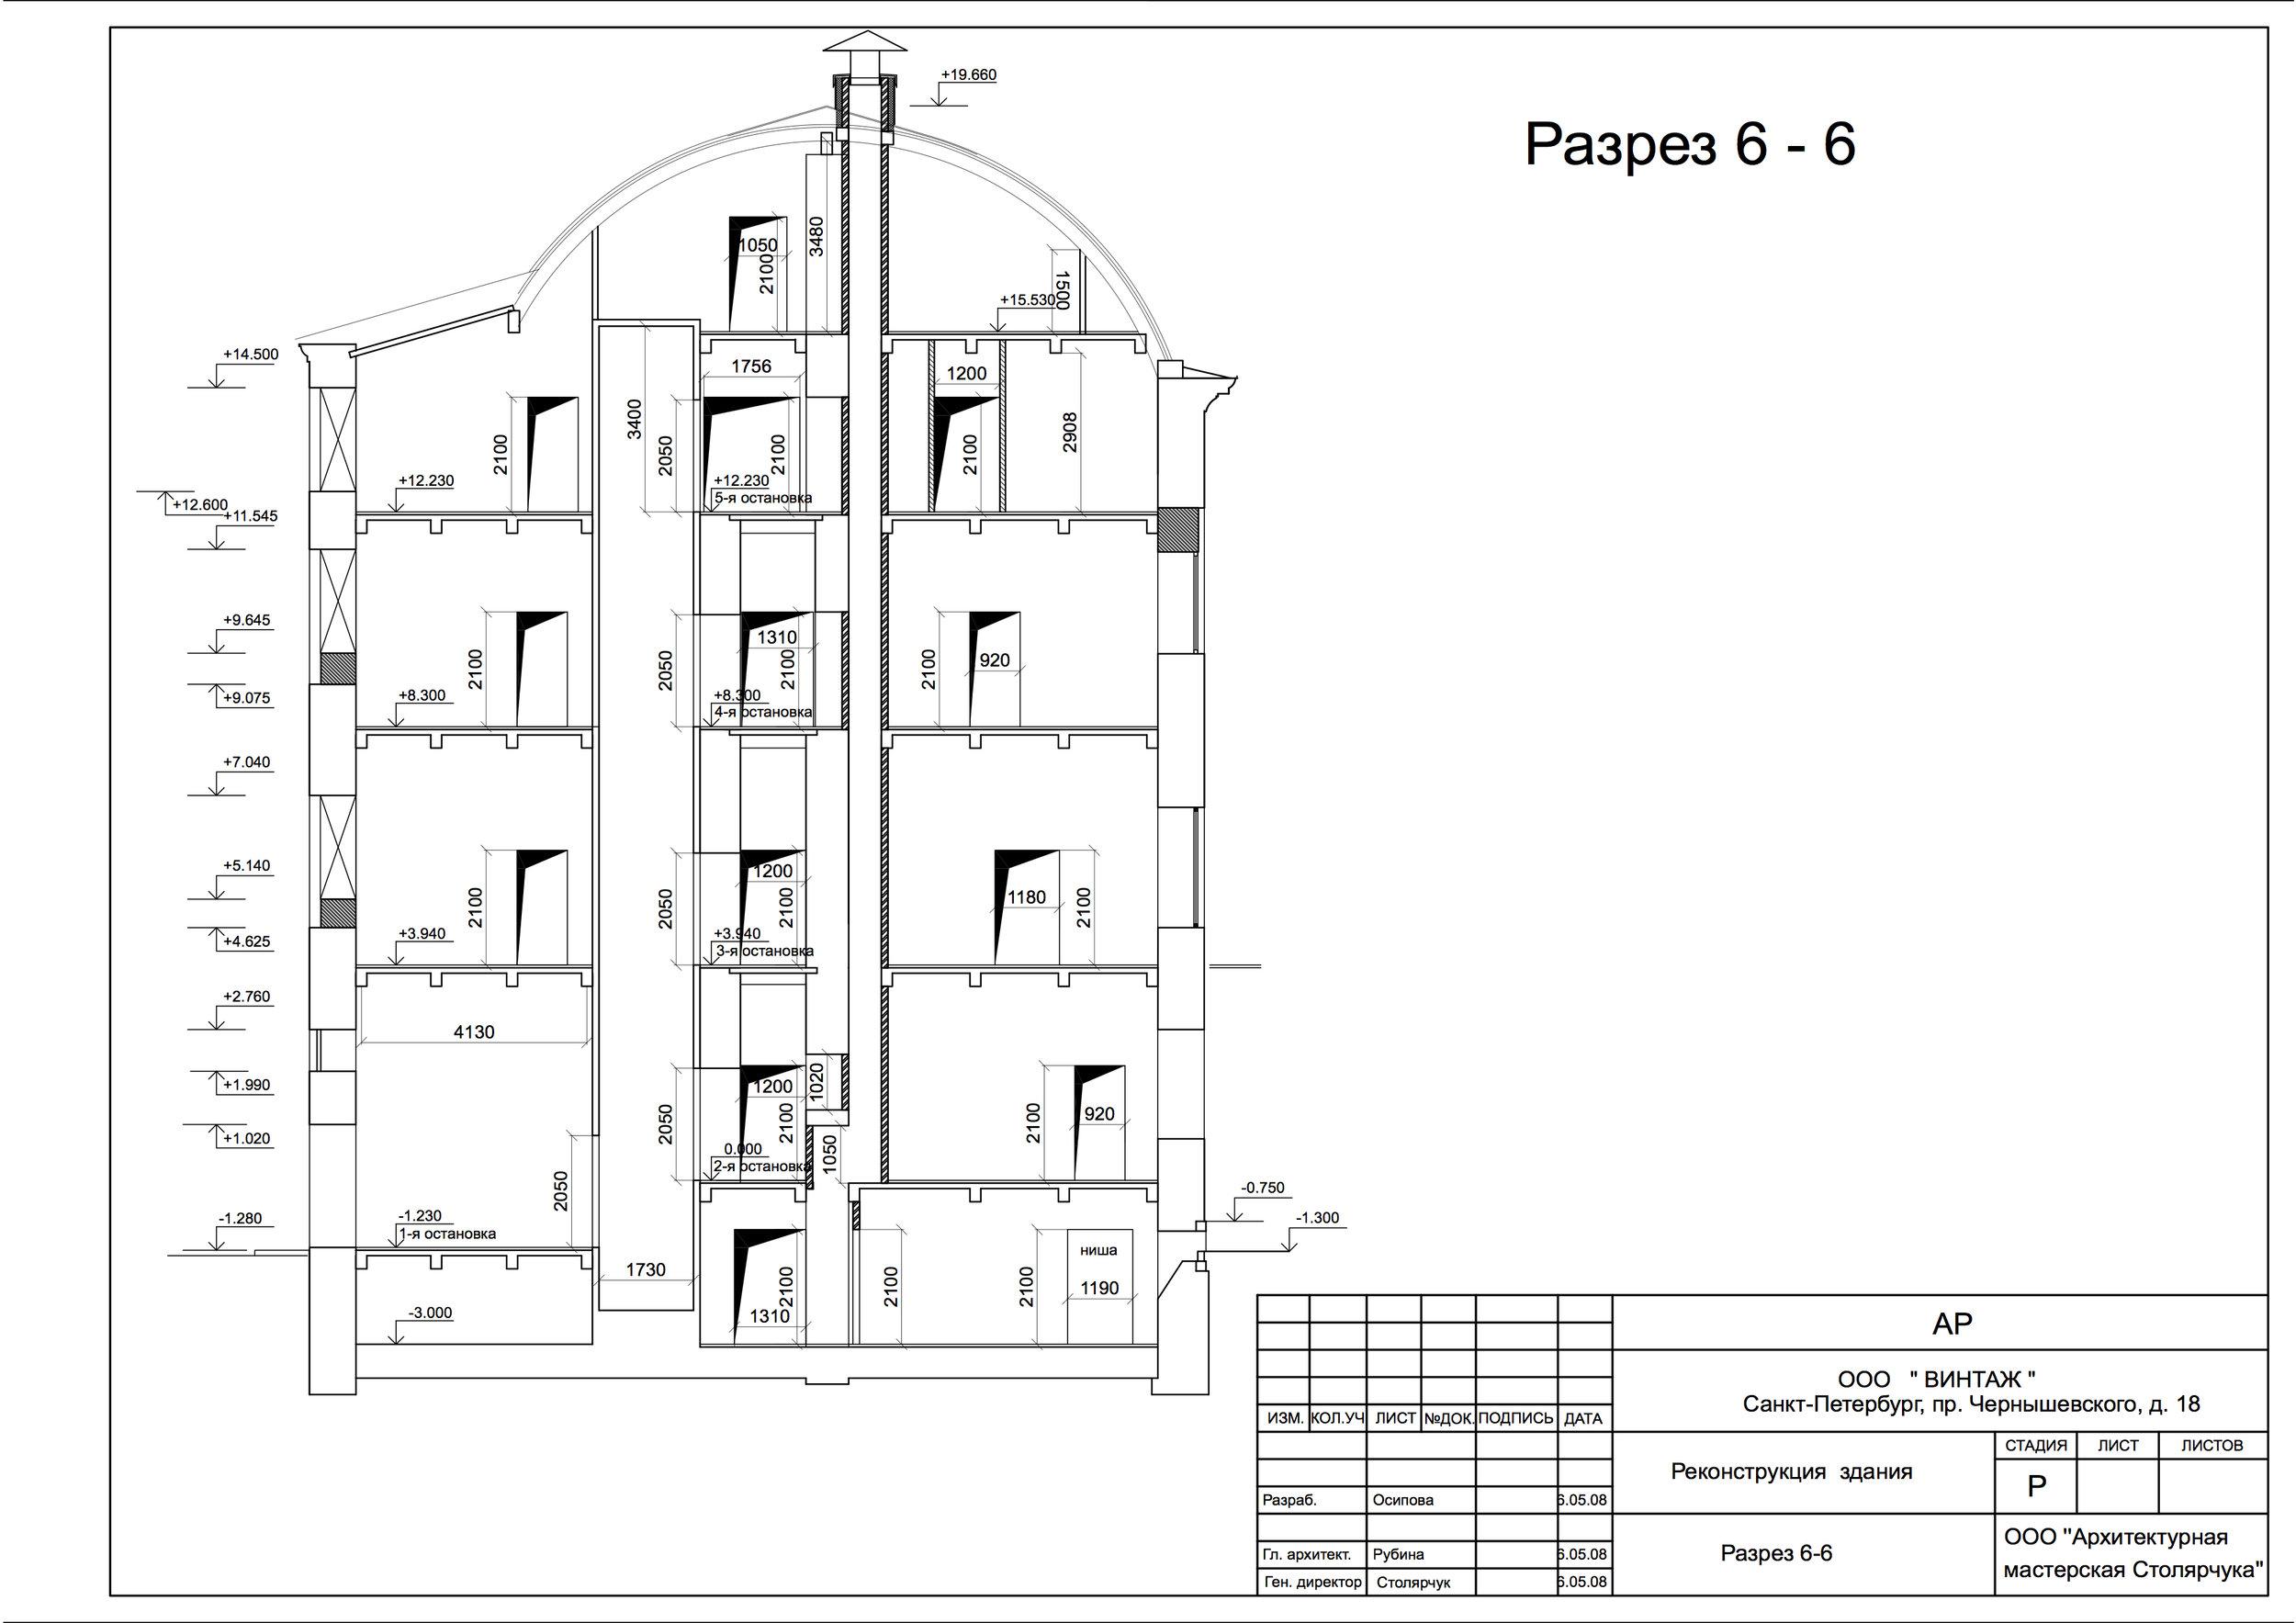 ST PETERSBURG OFFICE 009.jpg